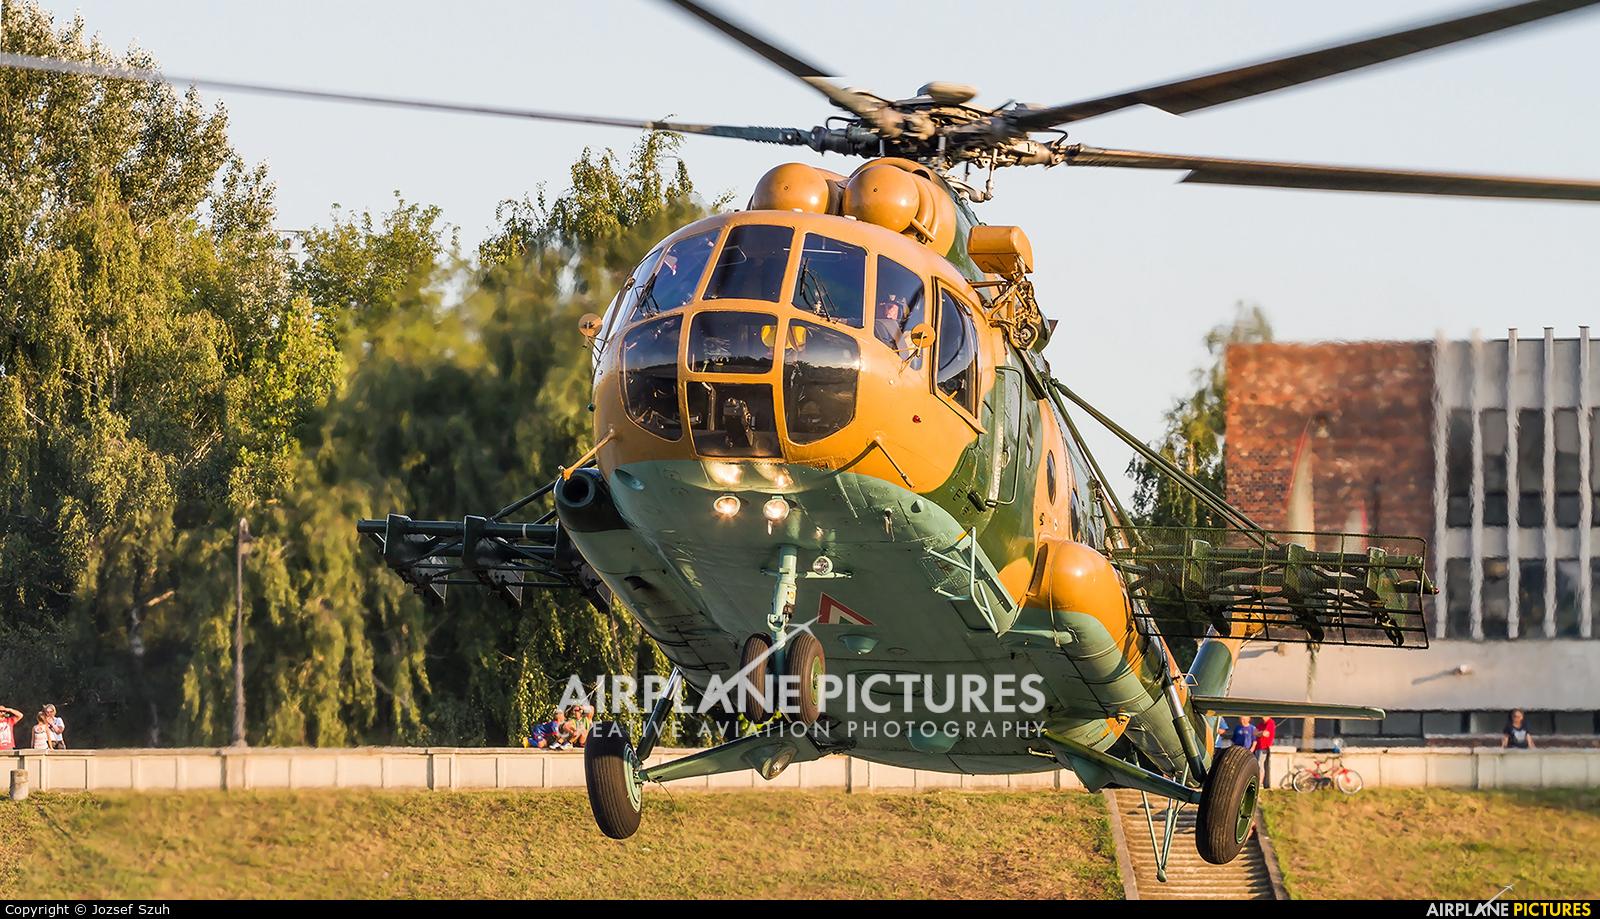 Hungary - Air Force 701 aircraft at Off Airport - Hungary